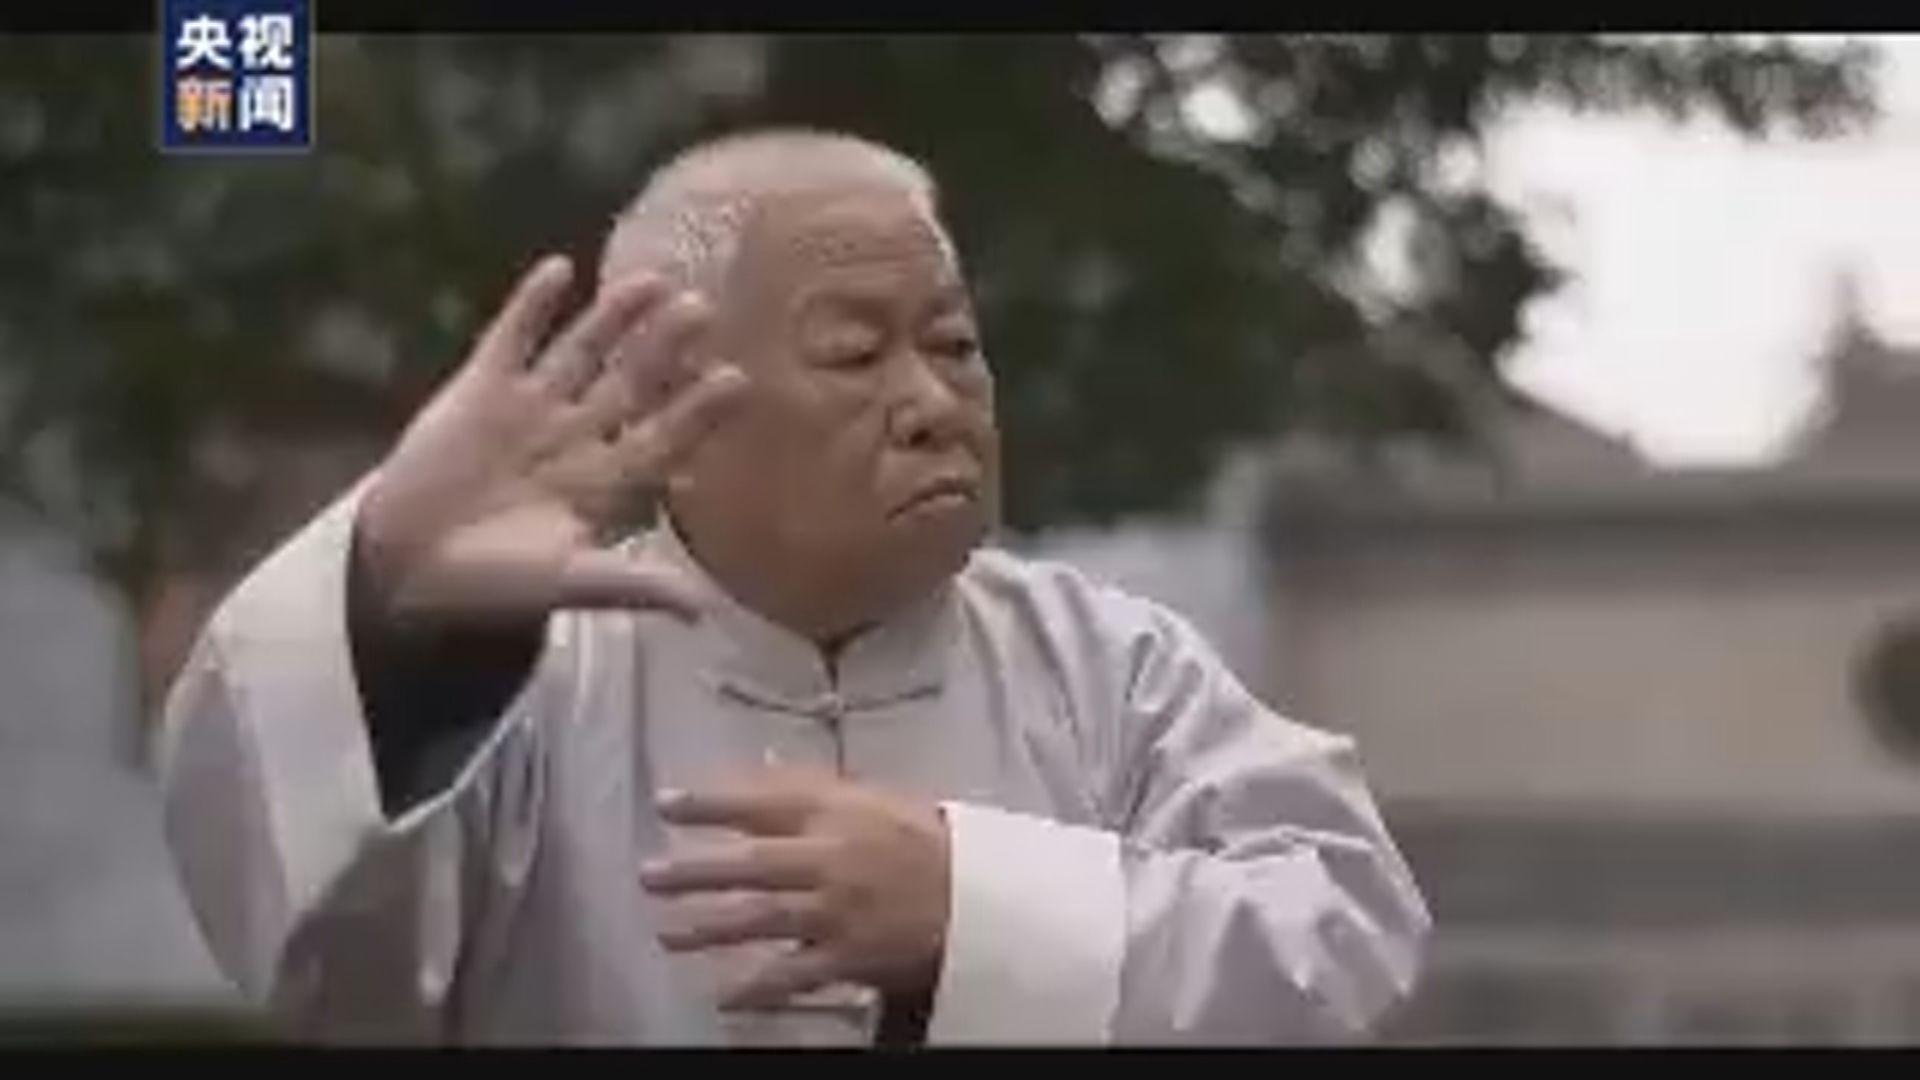 太極拳獲列為聯合國非物質文化遺產